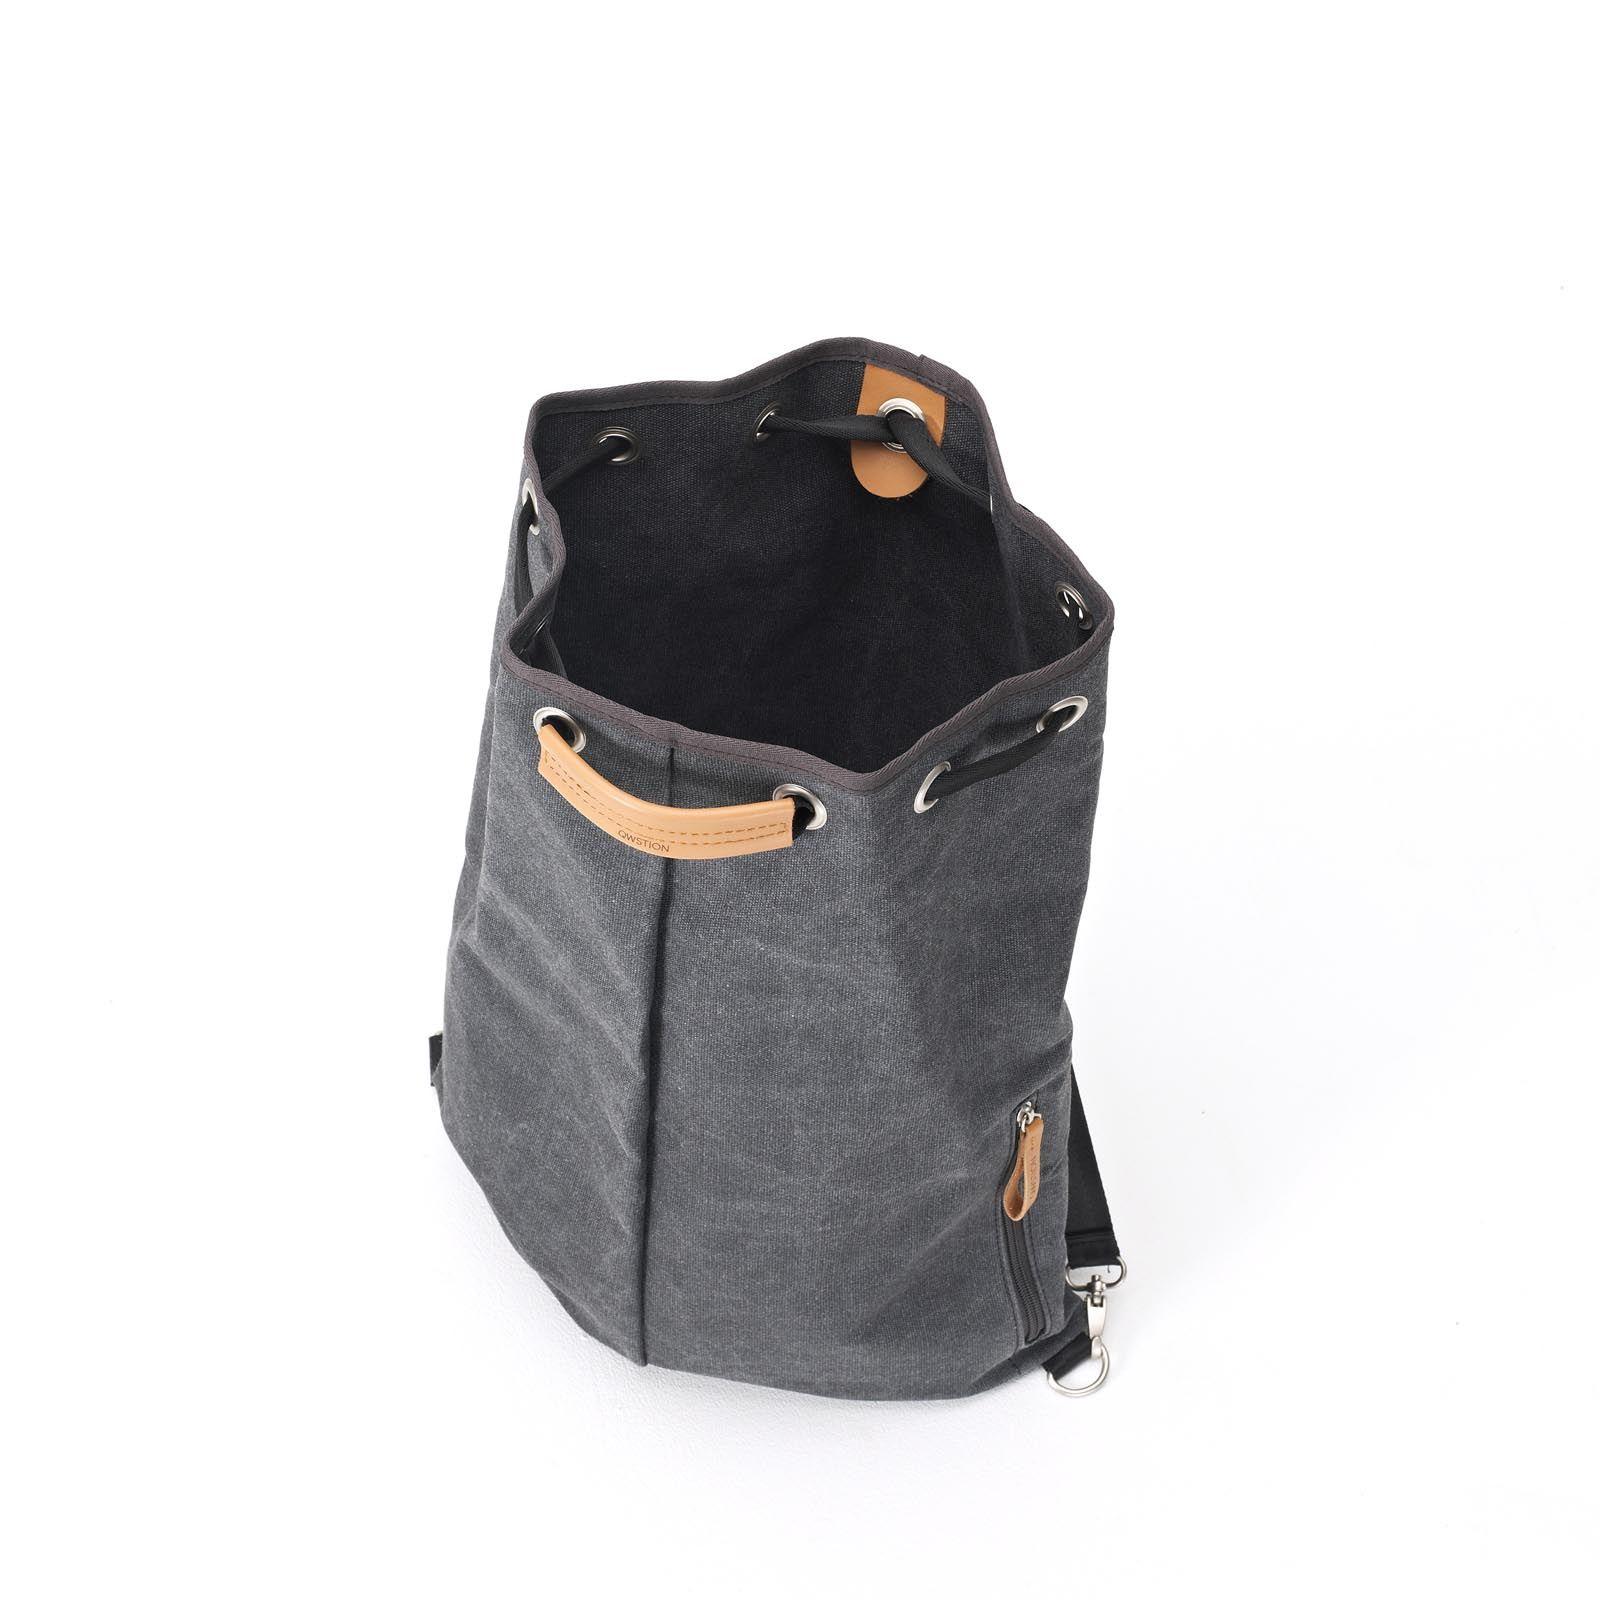 Simple Bag - Washed Black